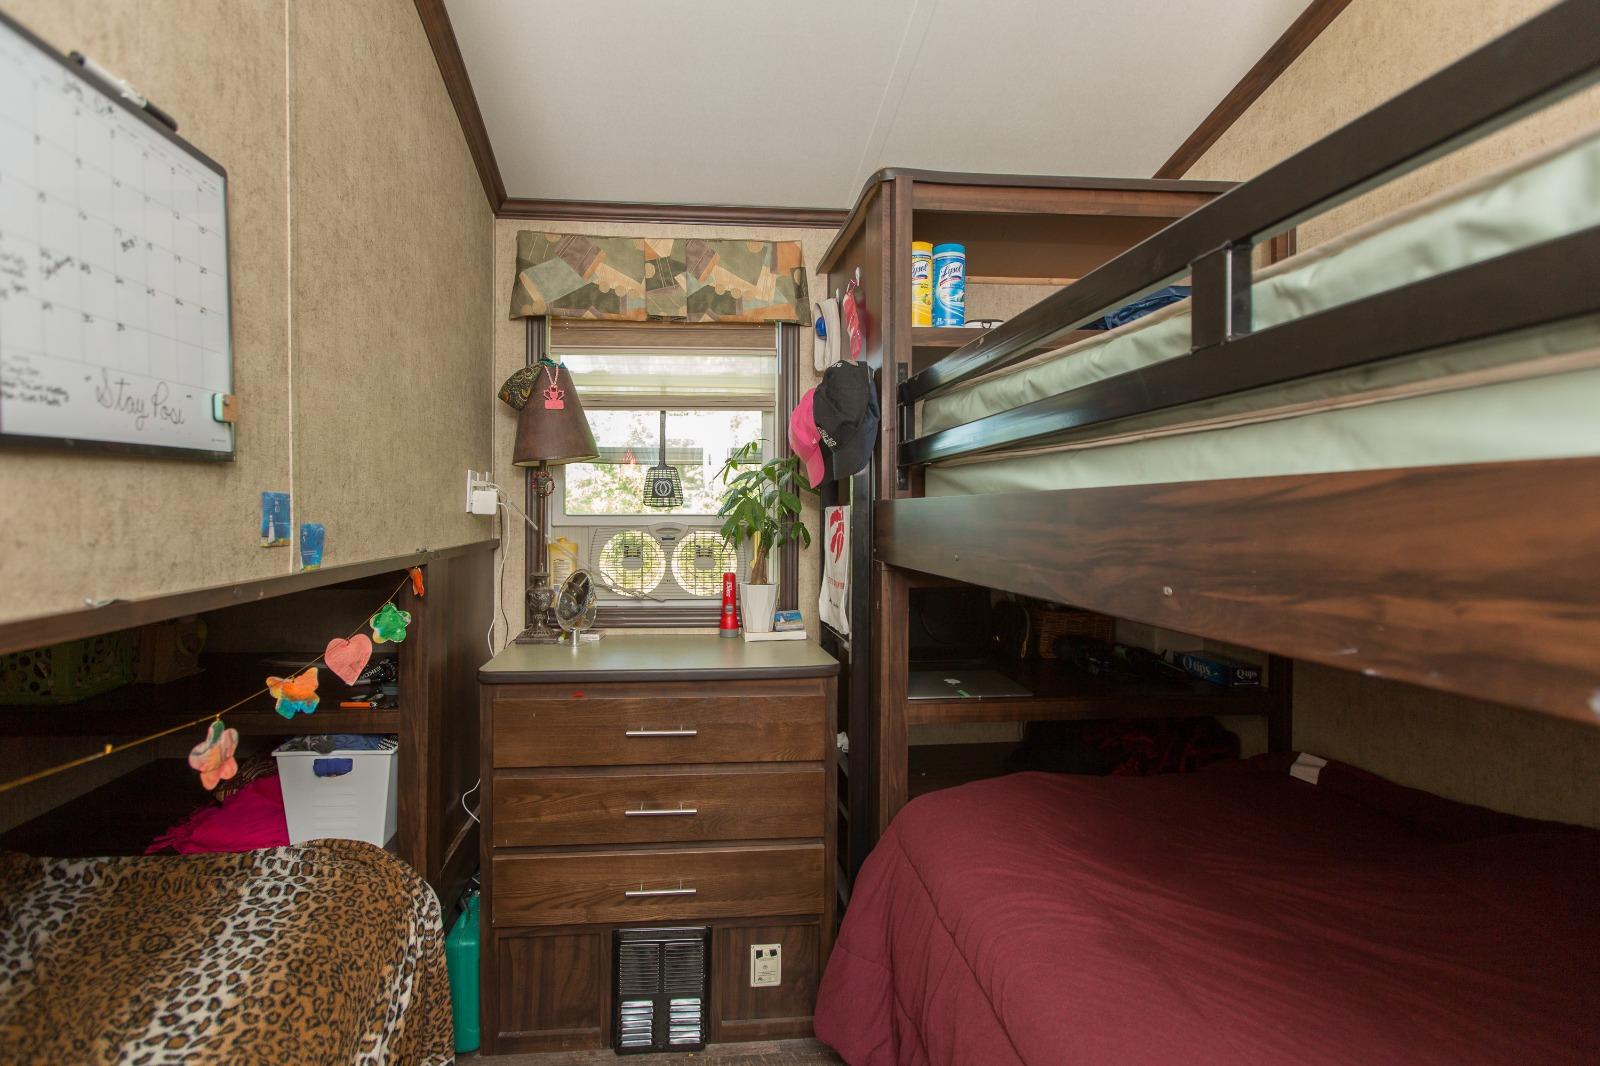 Staff accommodations - room interior